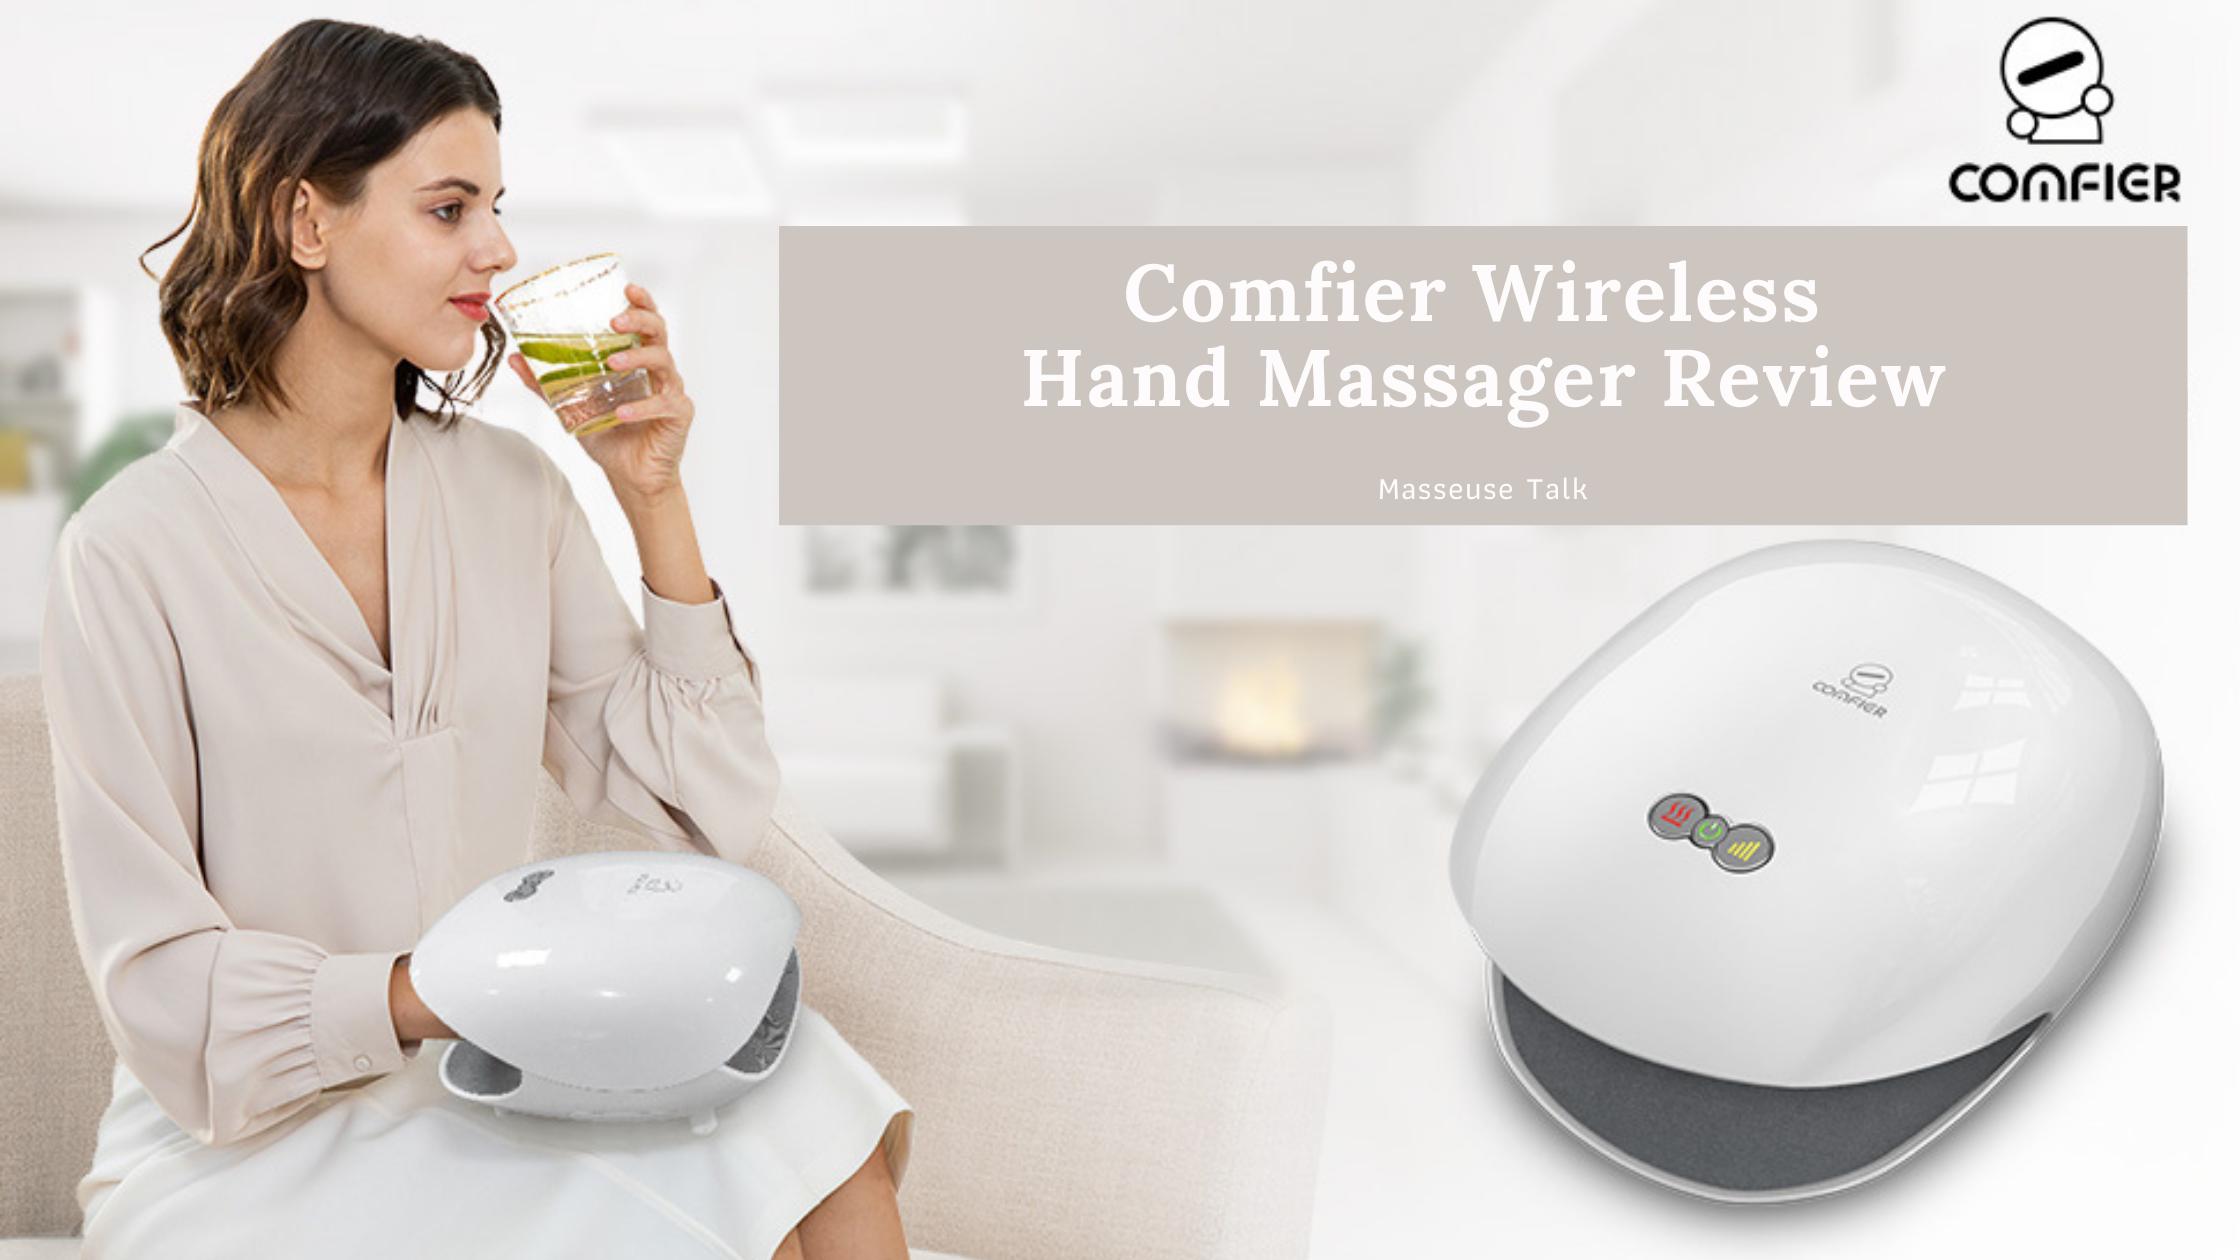 Comfier Wireless Hand Massager